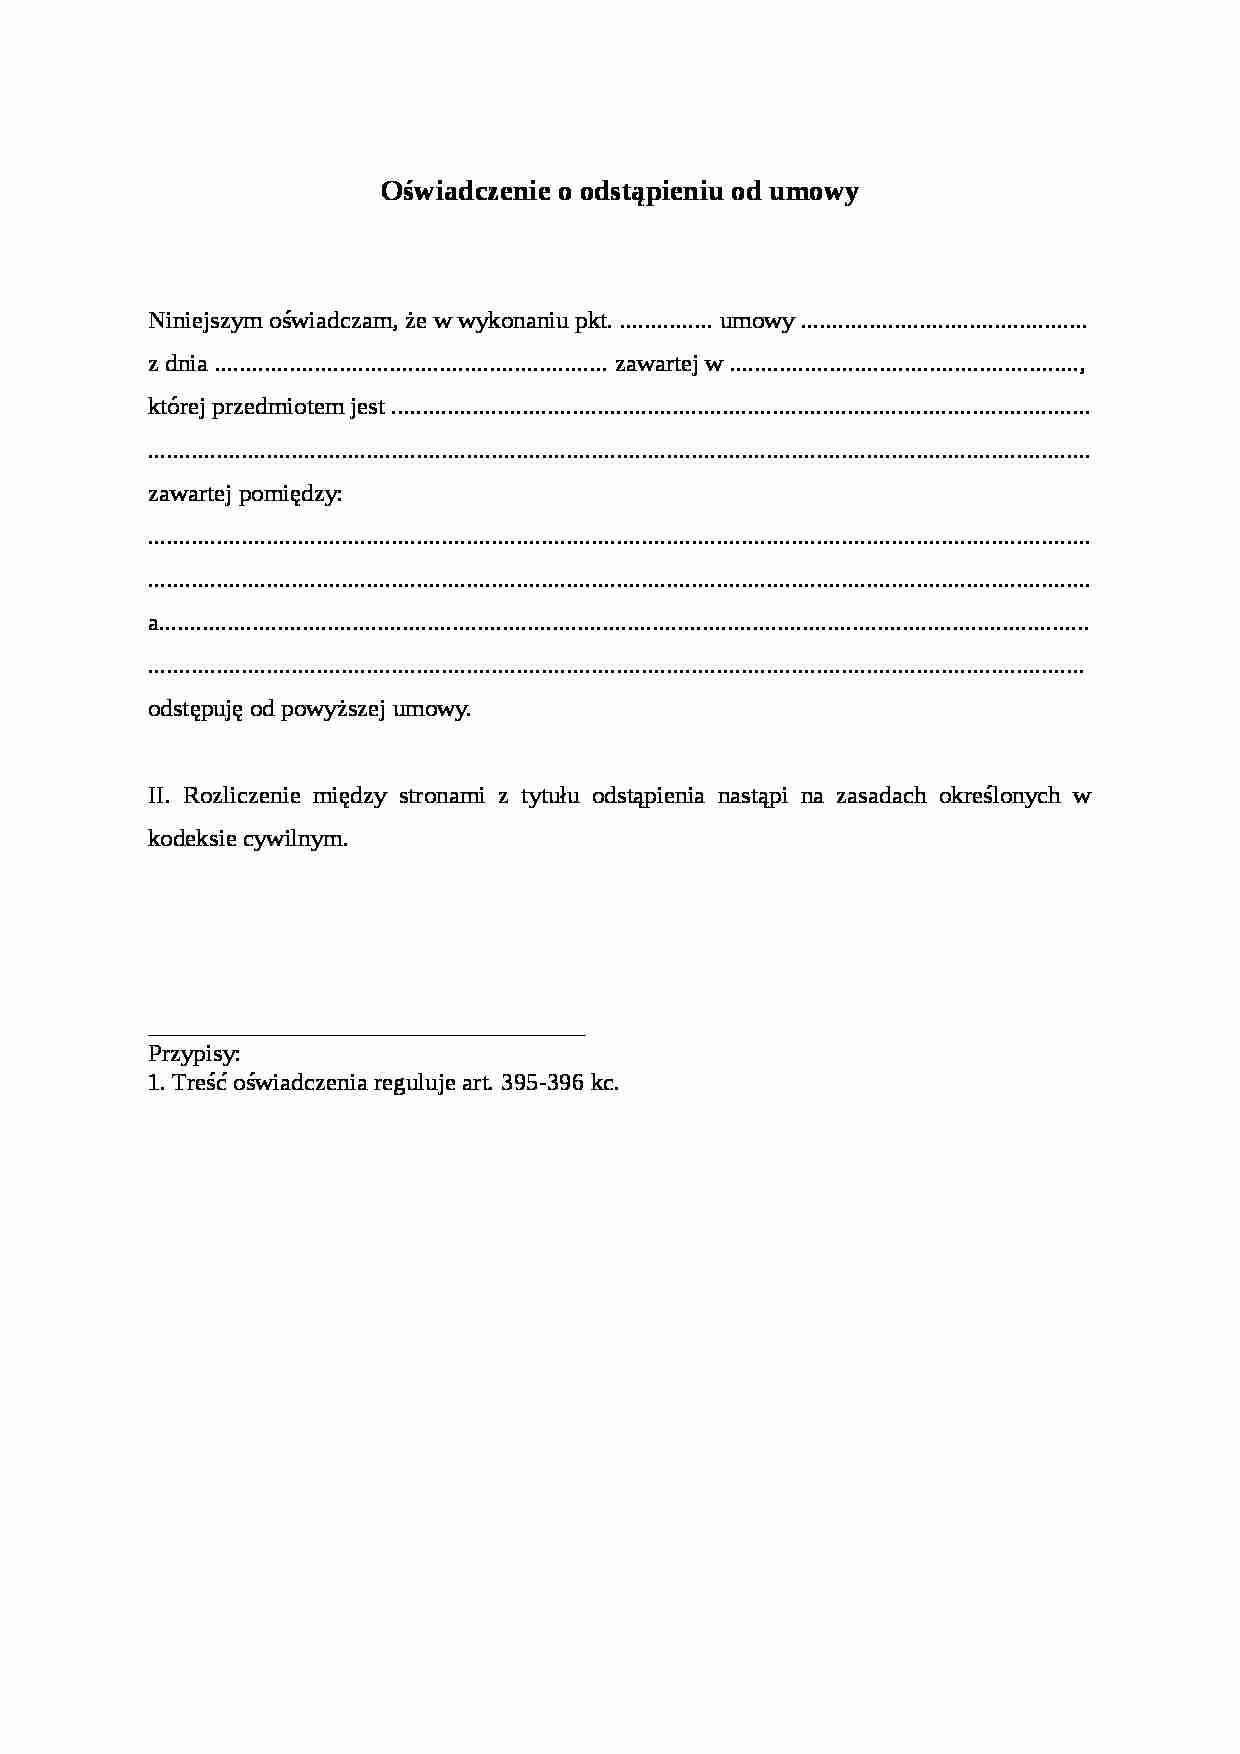 126a3446e4c611 Fragment notatki: Oświadczenie o odstąpieniu od umowy ...